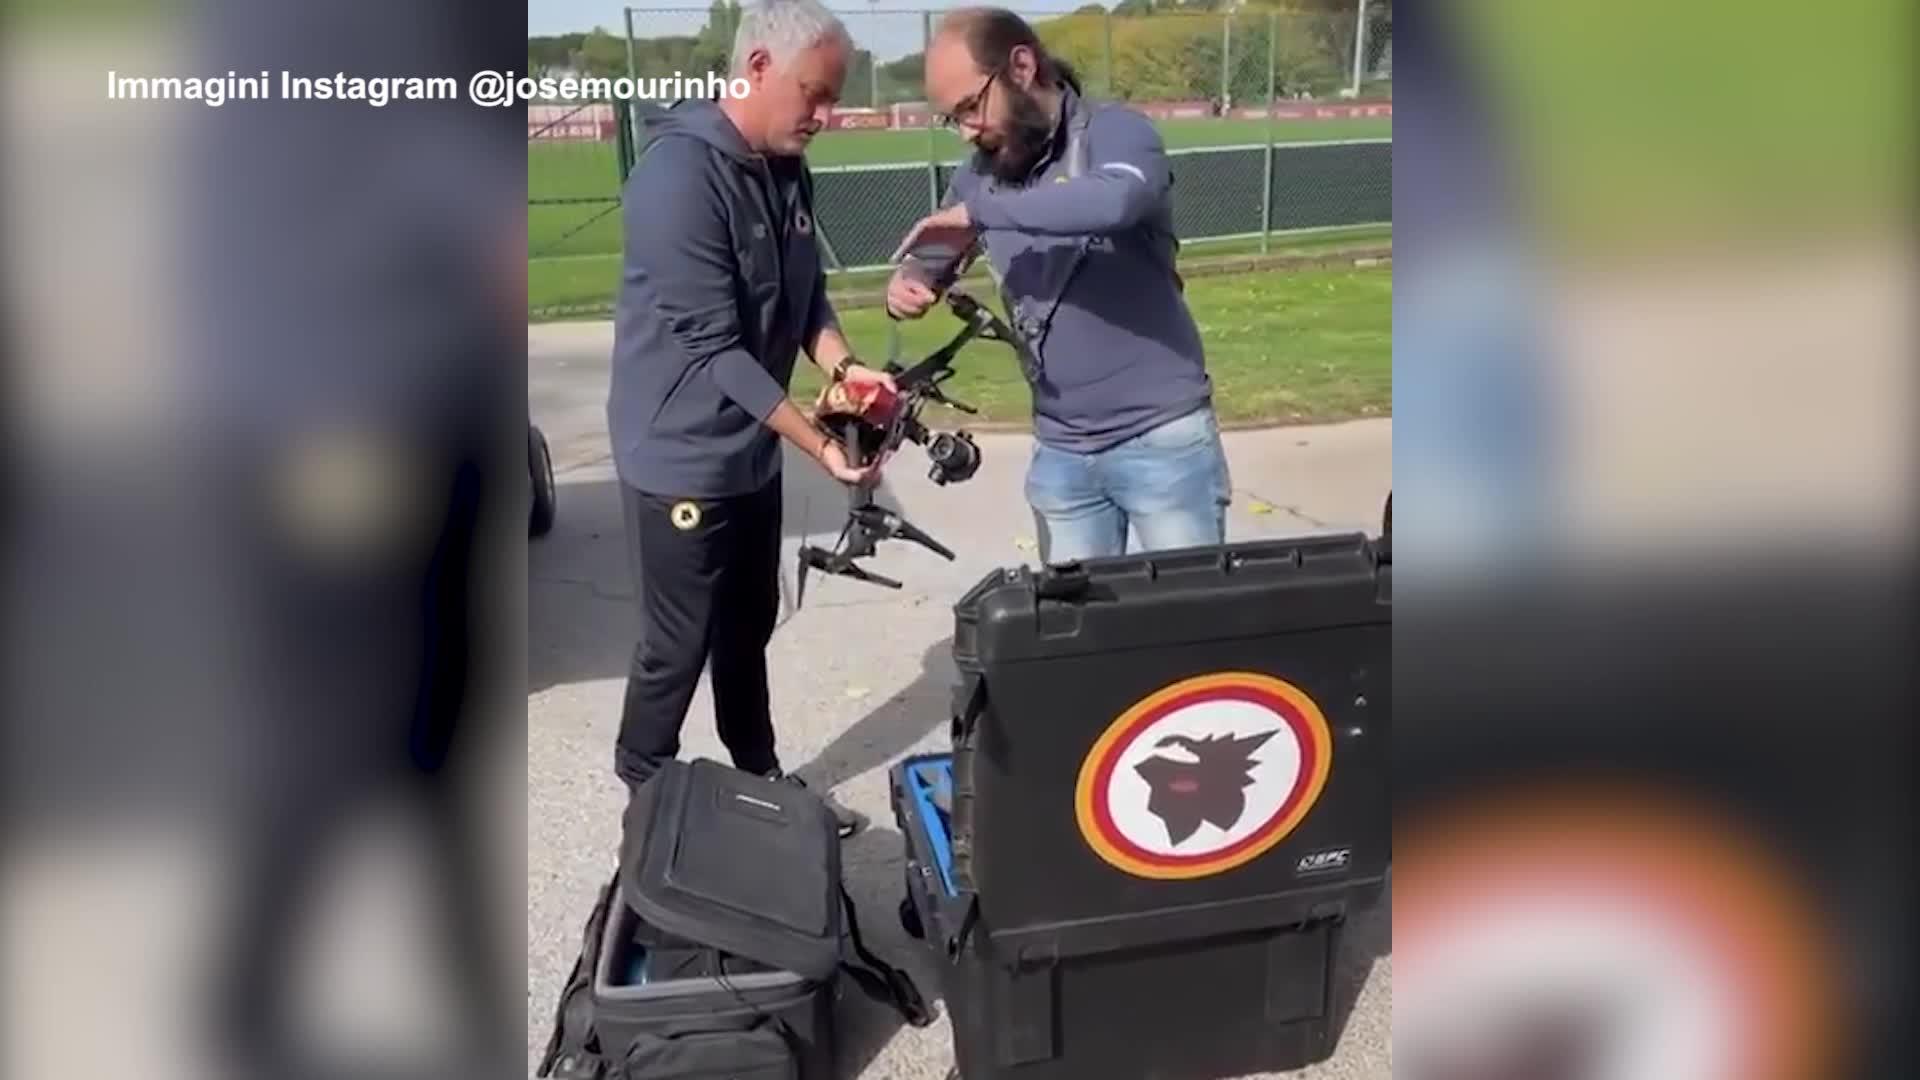 Roma, Mourinho prepara la sfida con la Juve con il drone - VIDEO